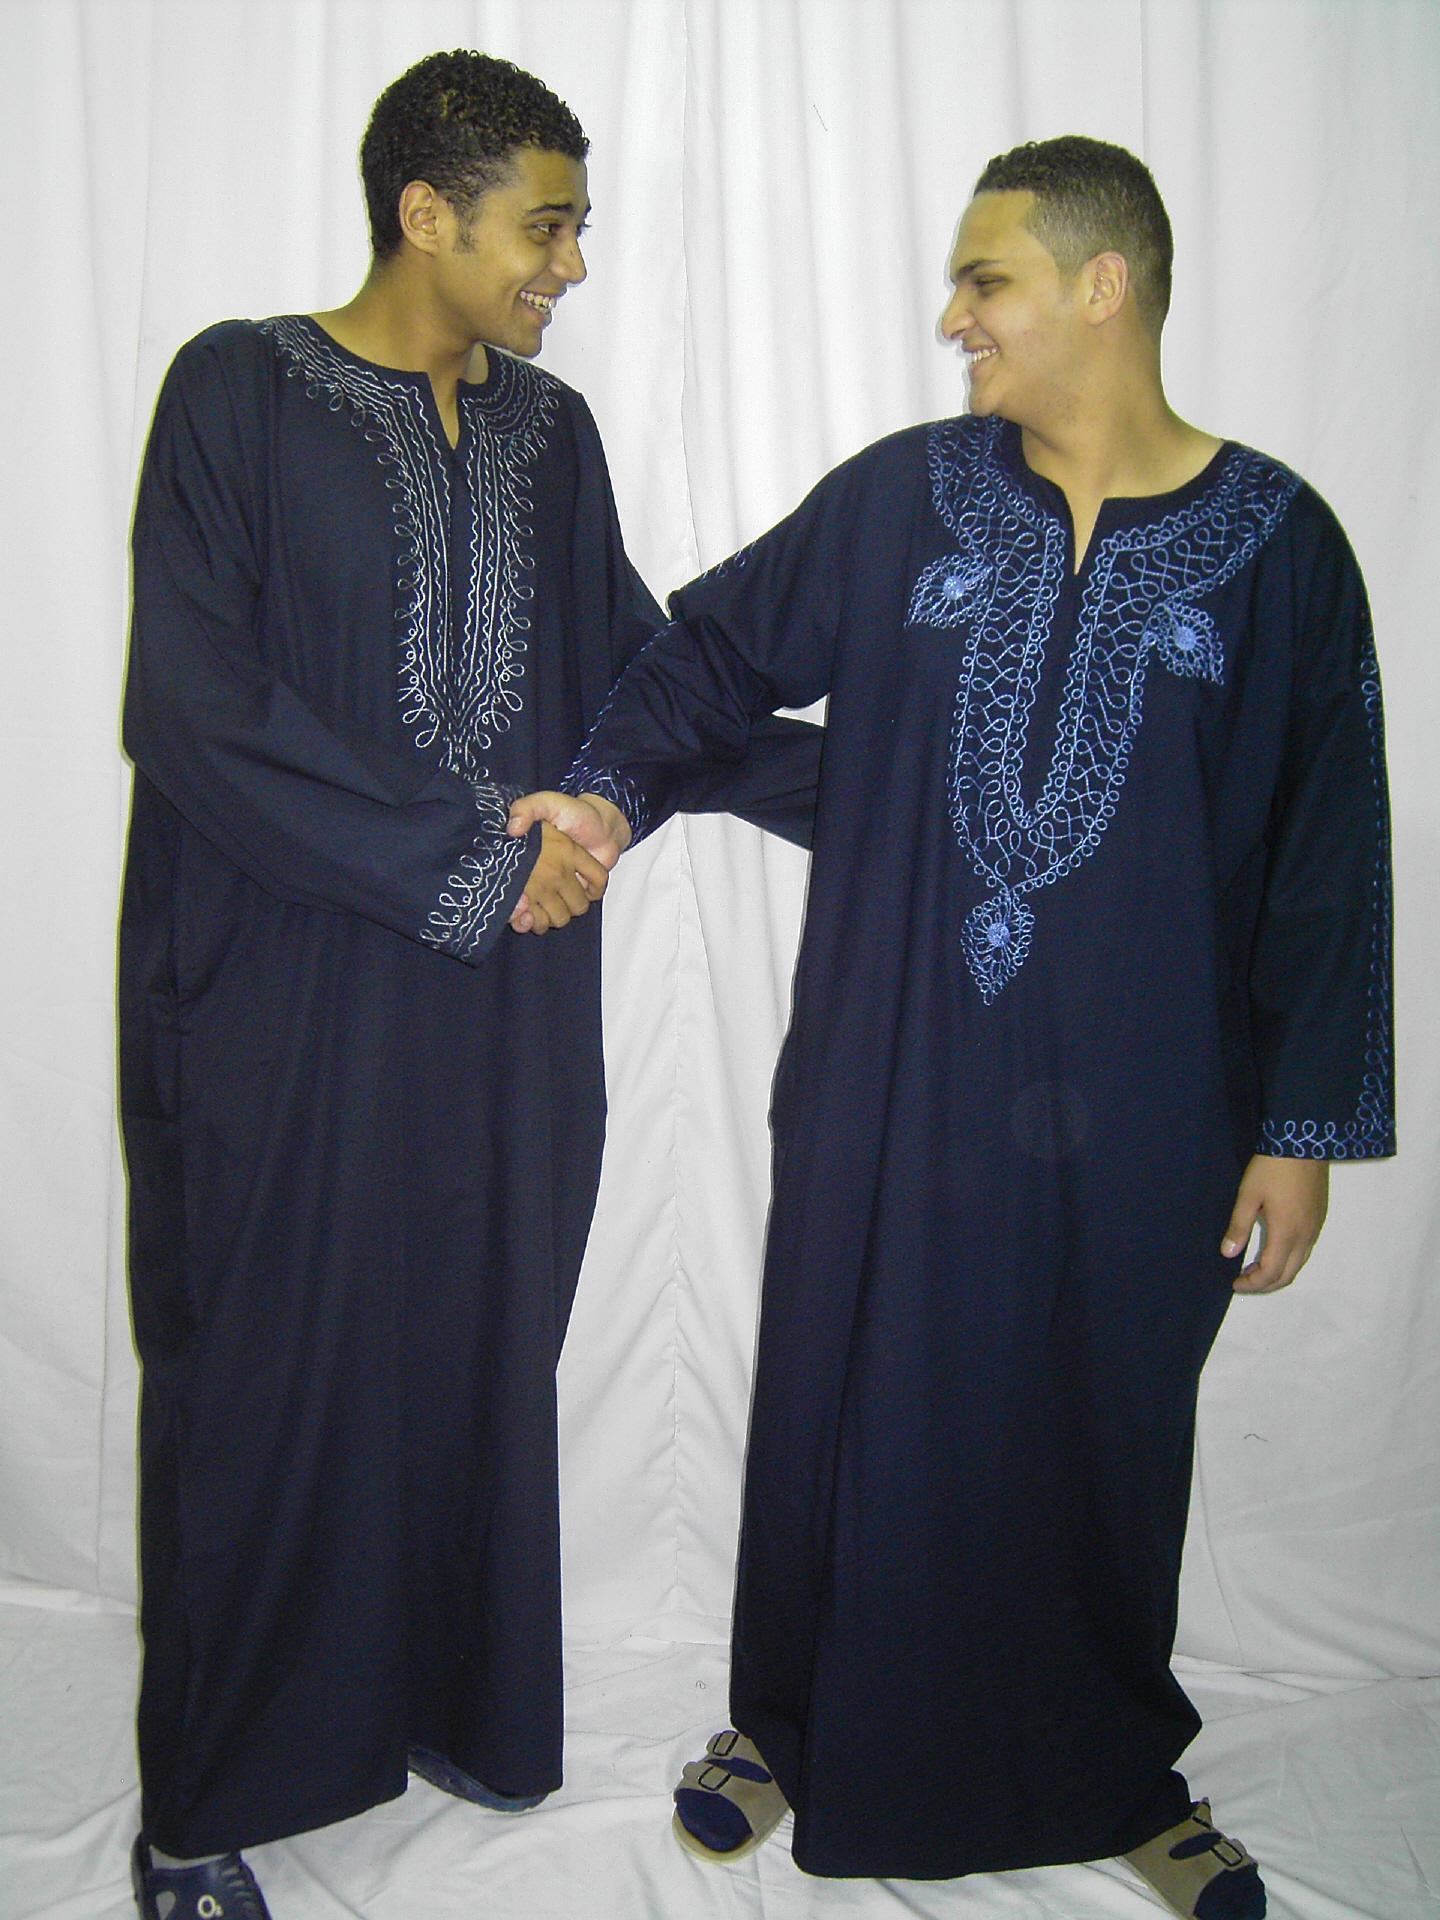 Orient im Mittelalter - Orientalische Gewandung Kleidung - egyptbazar.de